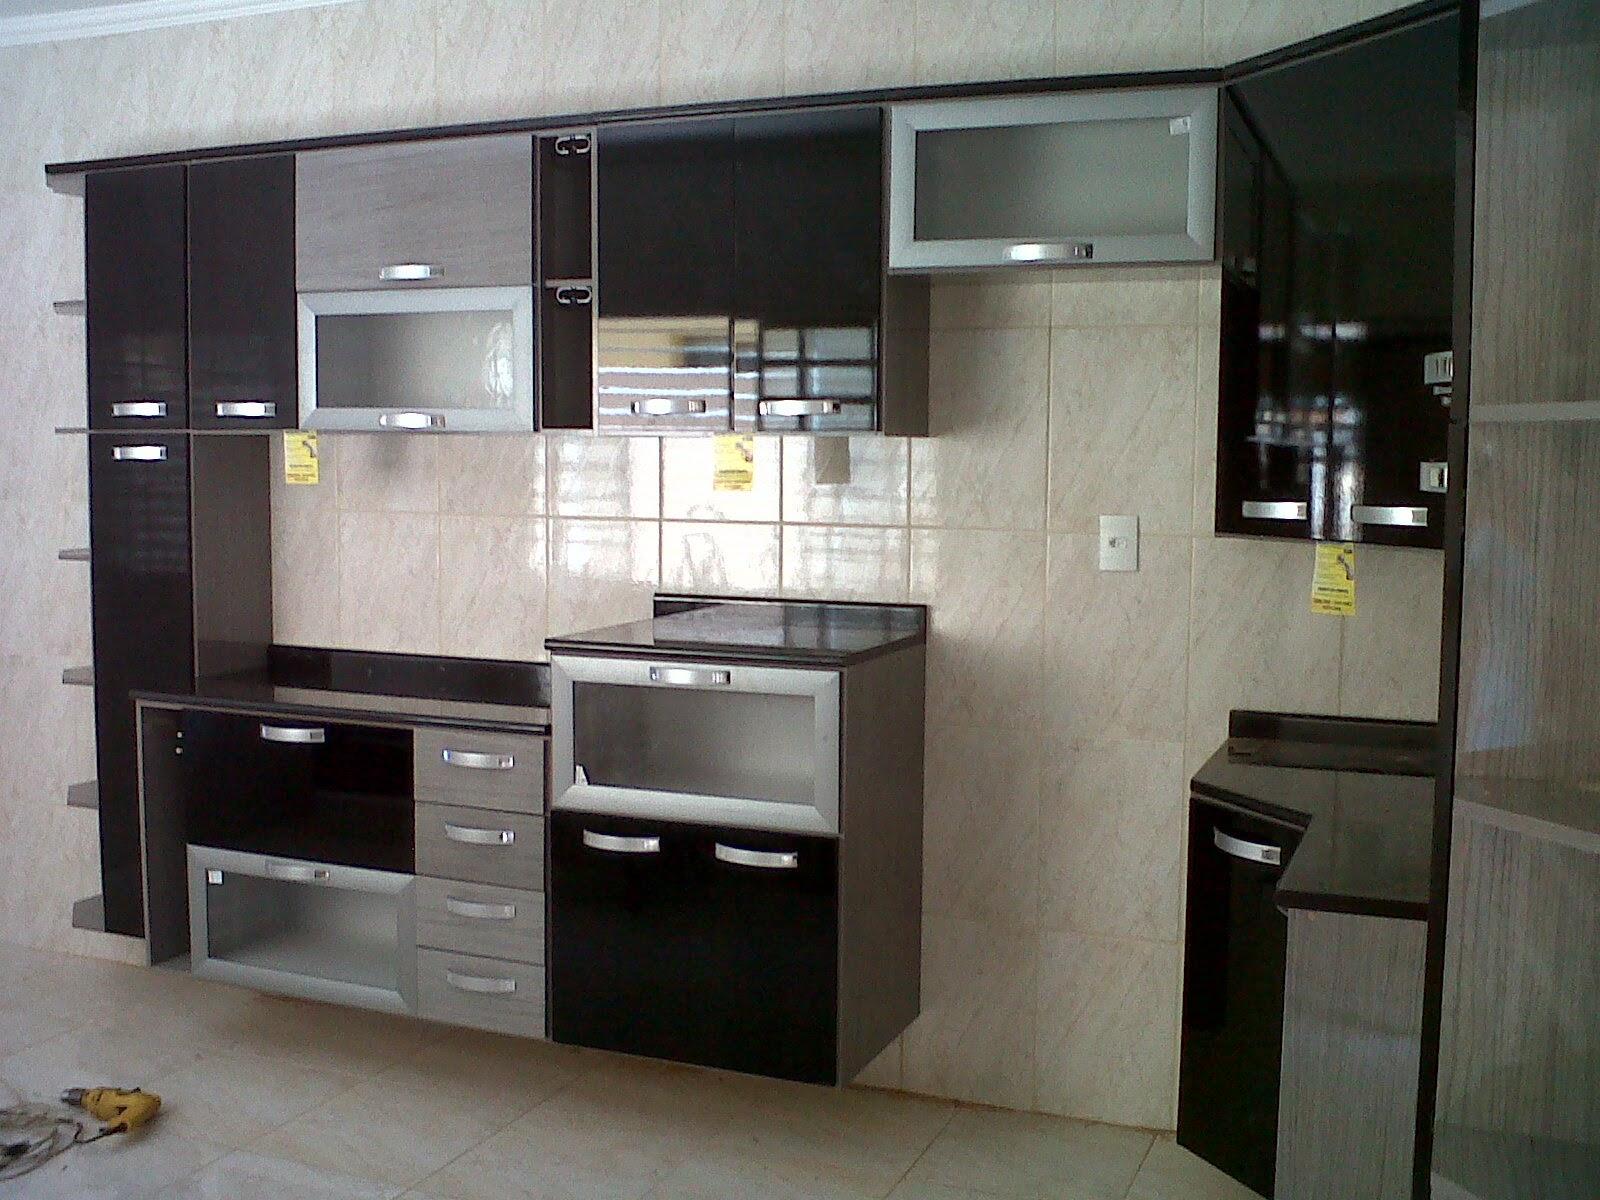 Promoção deMontagem dos Móveis da Rede de Lojas Marabraz Campinas #5A5044 1600 1200